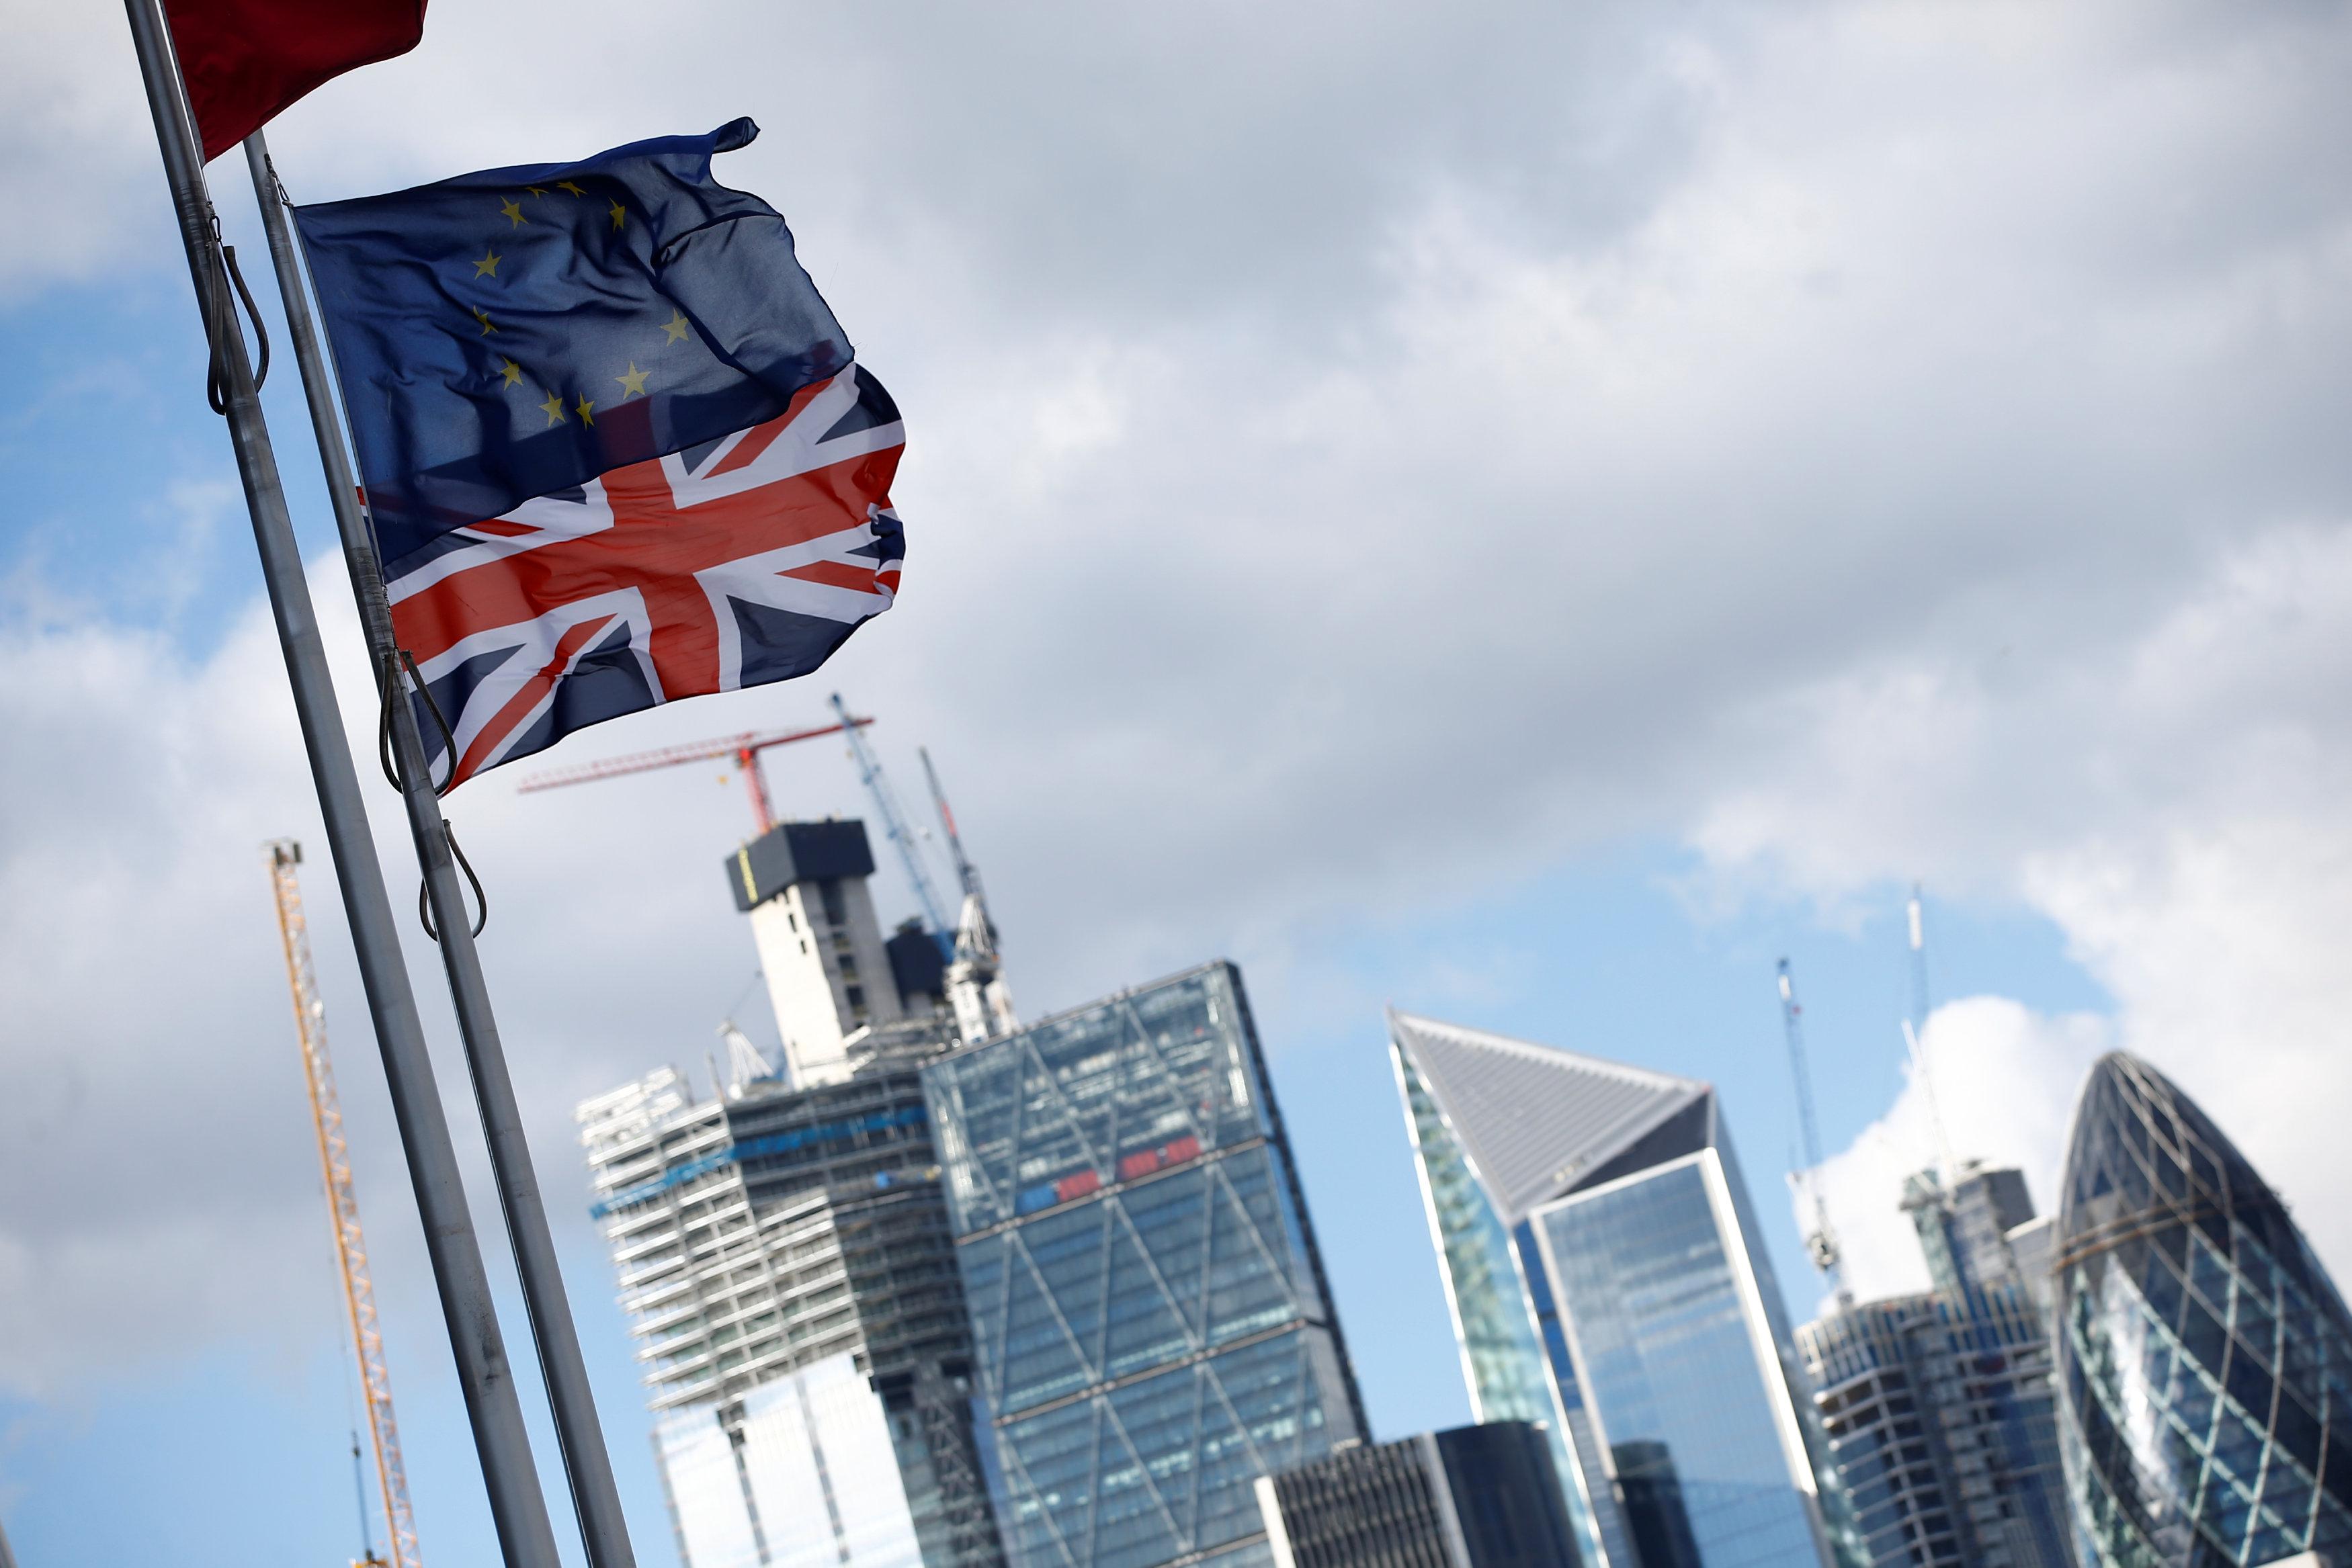 علما بريطانيا والاتحاد الأوروبى يرفرفان فى العاصمة البريطانية بانتظار ما يسفر عنه المستقبل